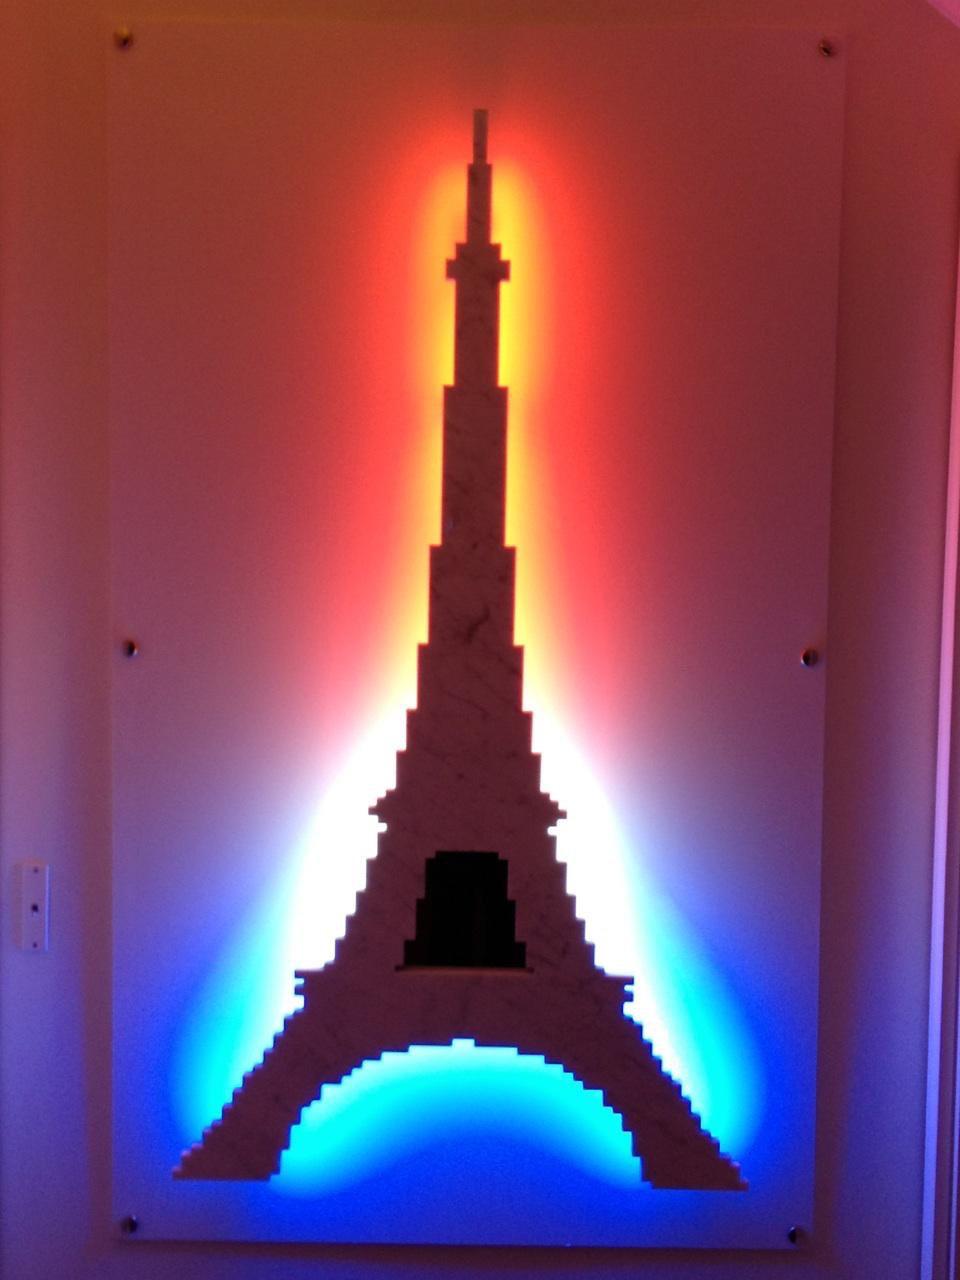 Michele Chiossi La Parisienne, 2011  marmo statuario, acciaio, neon Tour Eiffel scultura zigzag